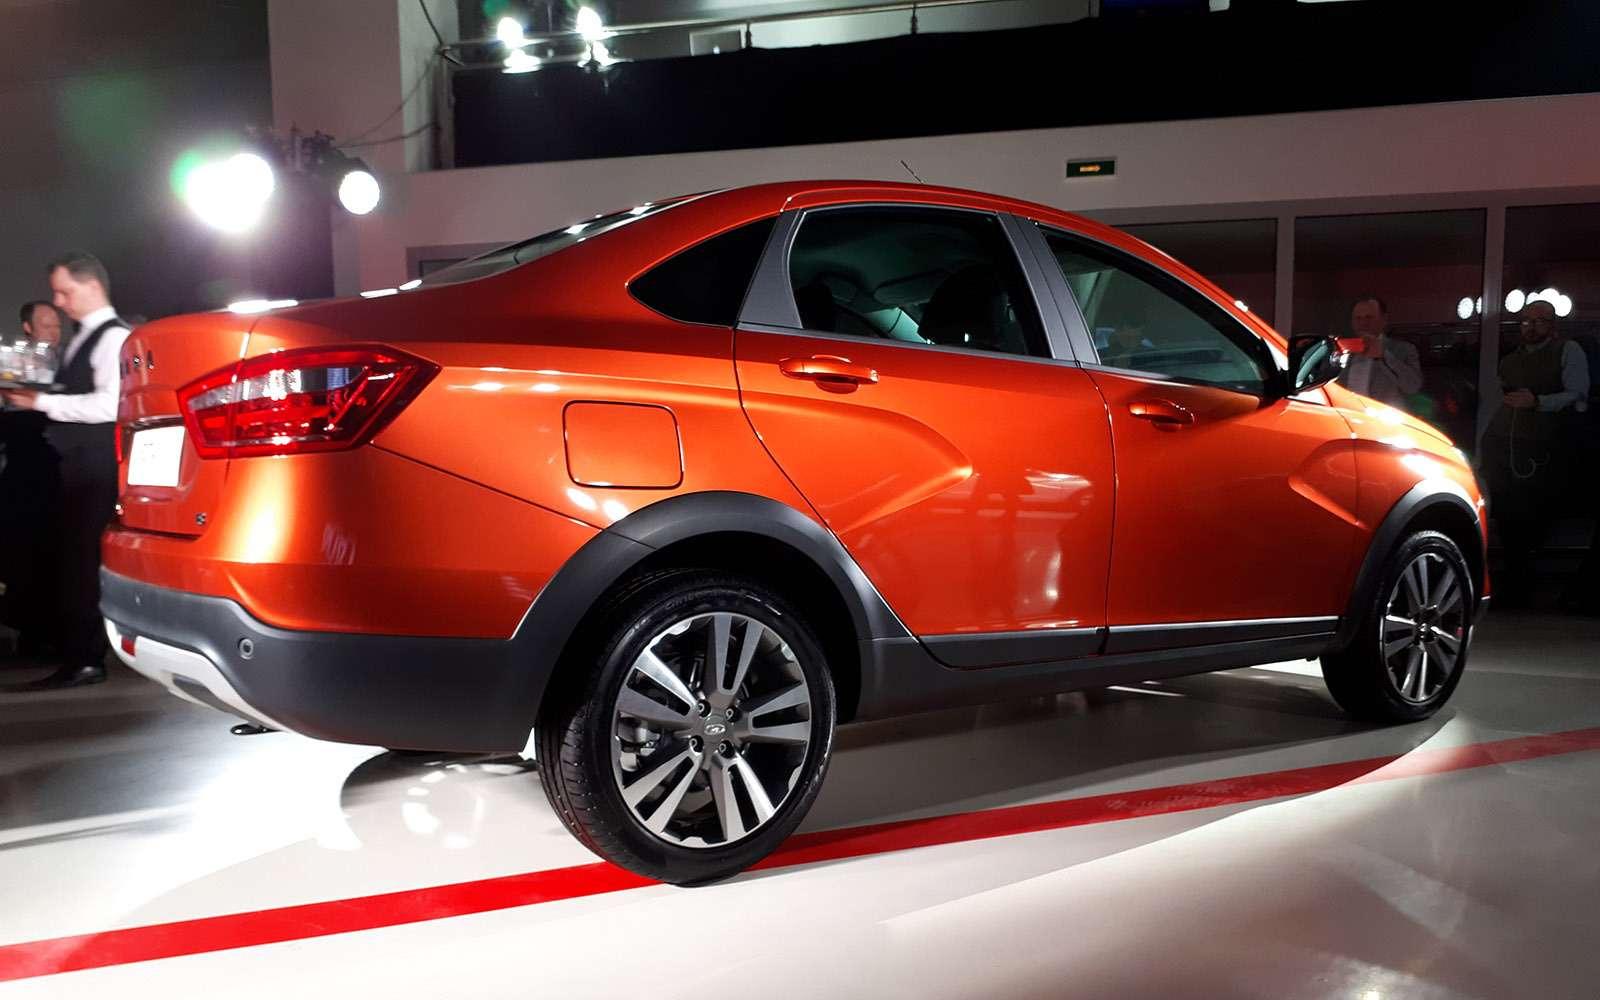 Представлена новая модель Lada. Иэто снова Cross— фото 863338